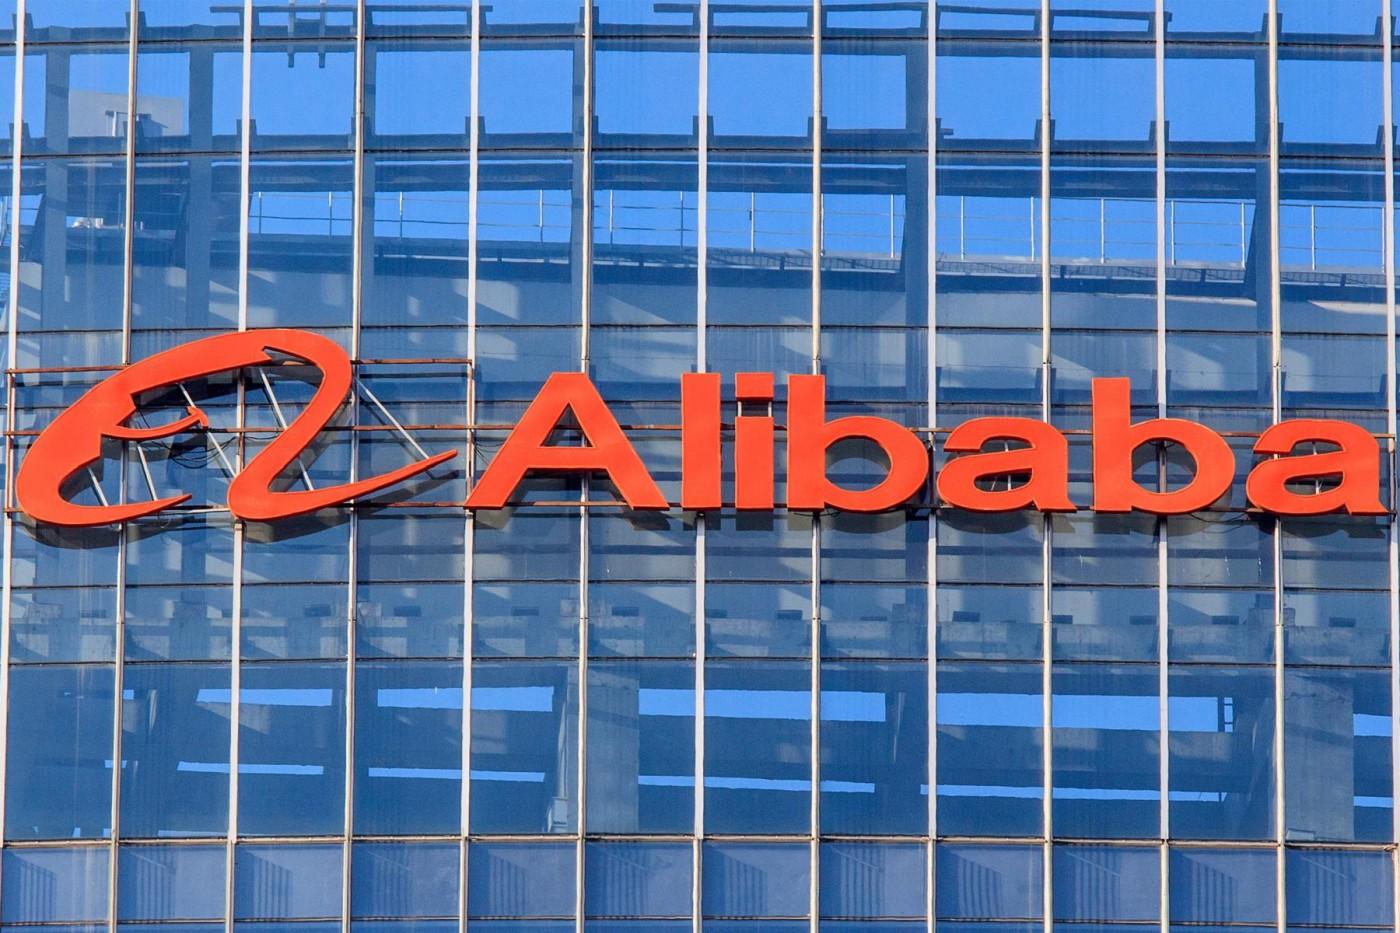 川普政府對中國科技公司連連猛攻,下一個疑瞄準阿里巴巴